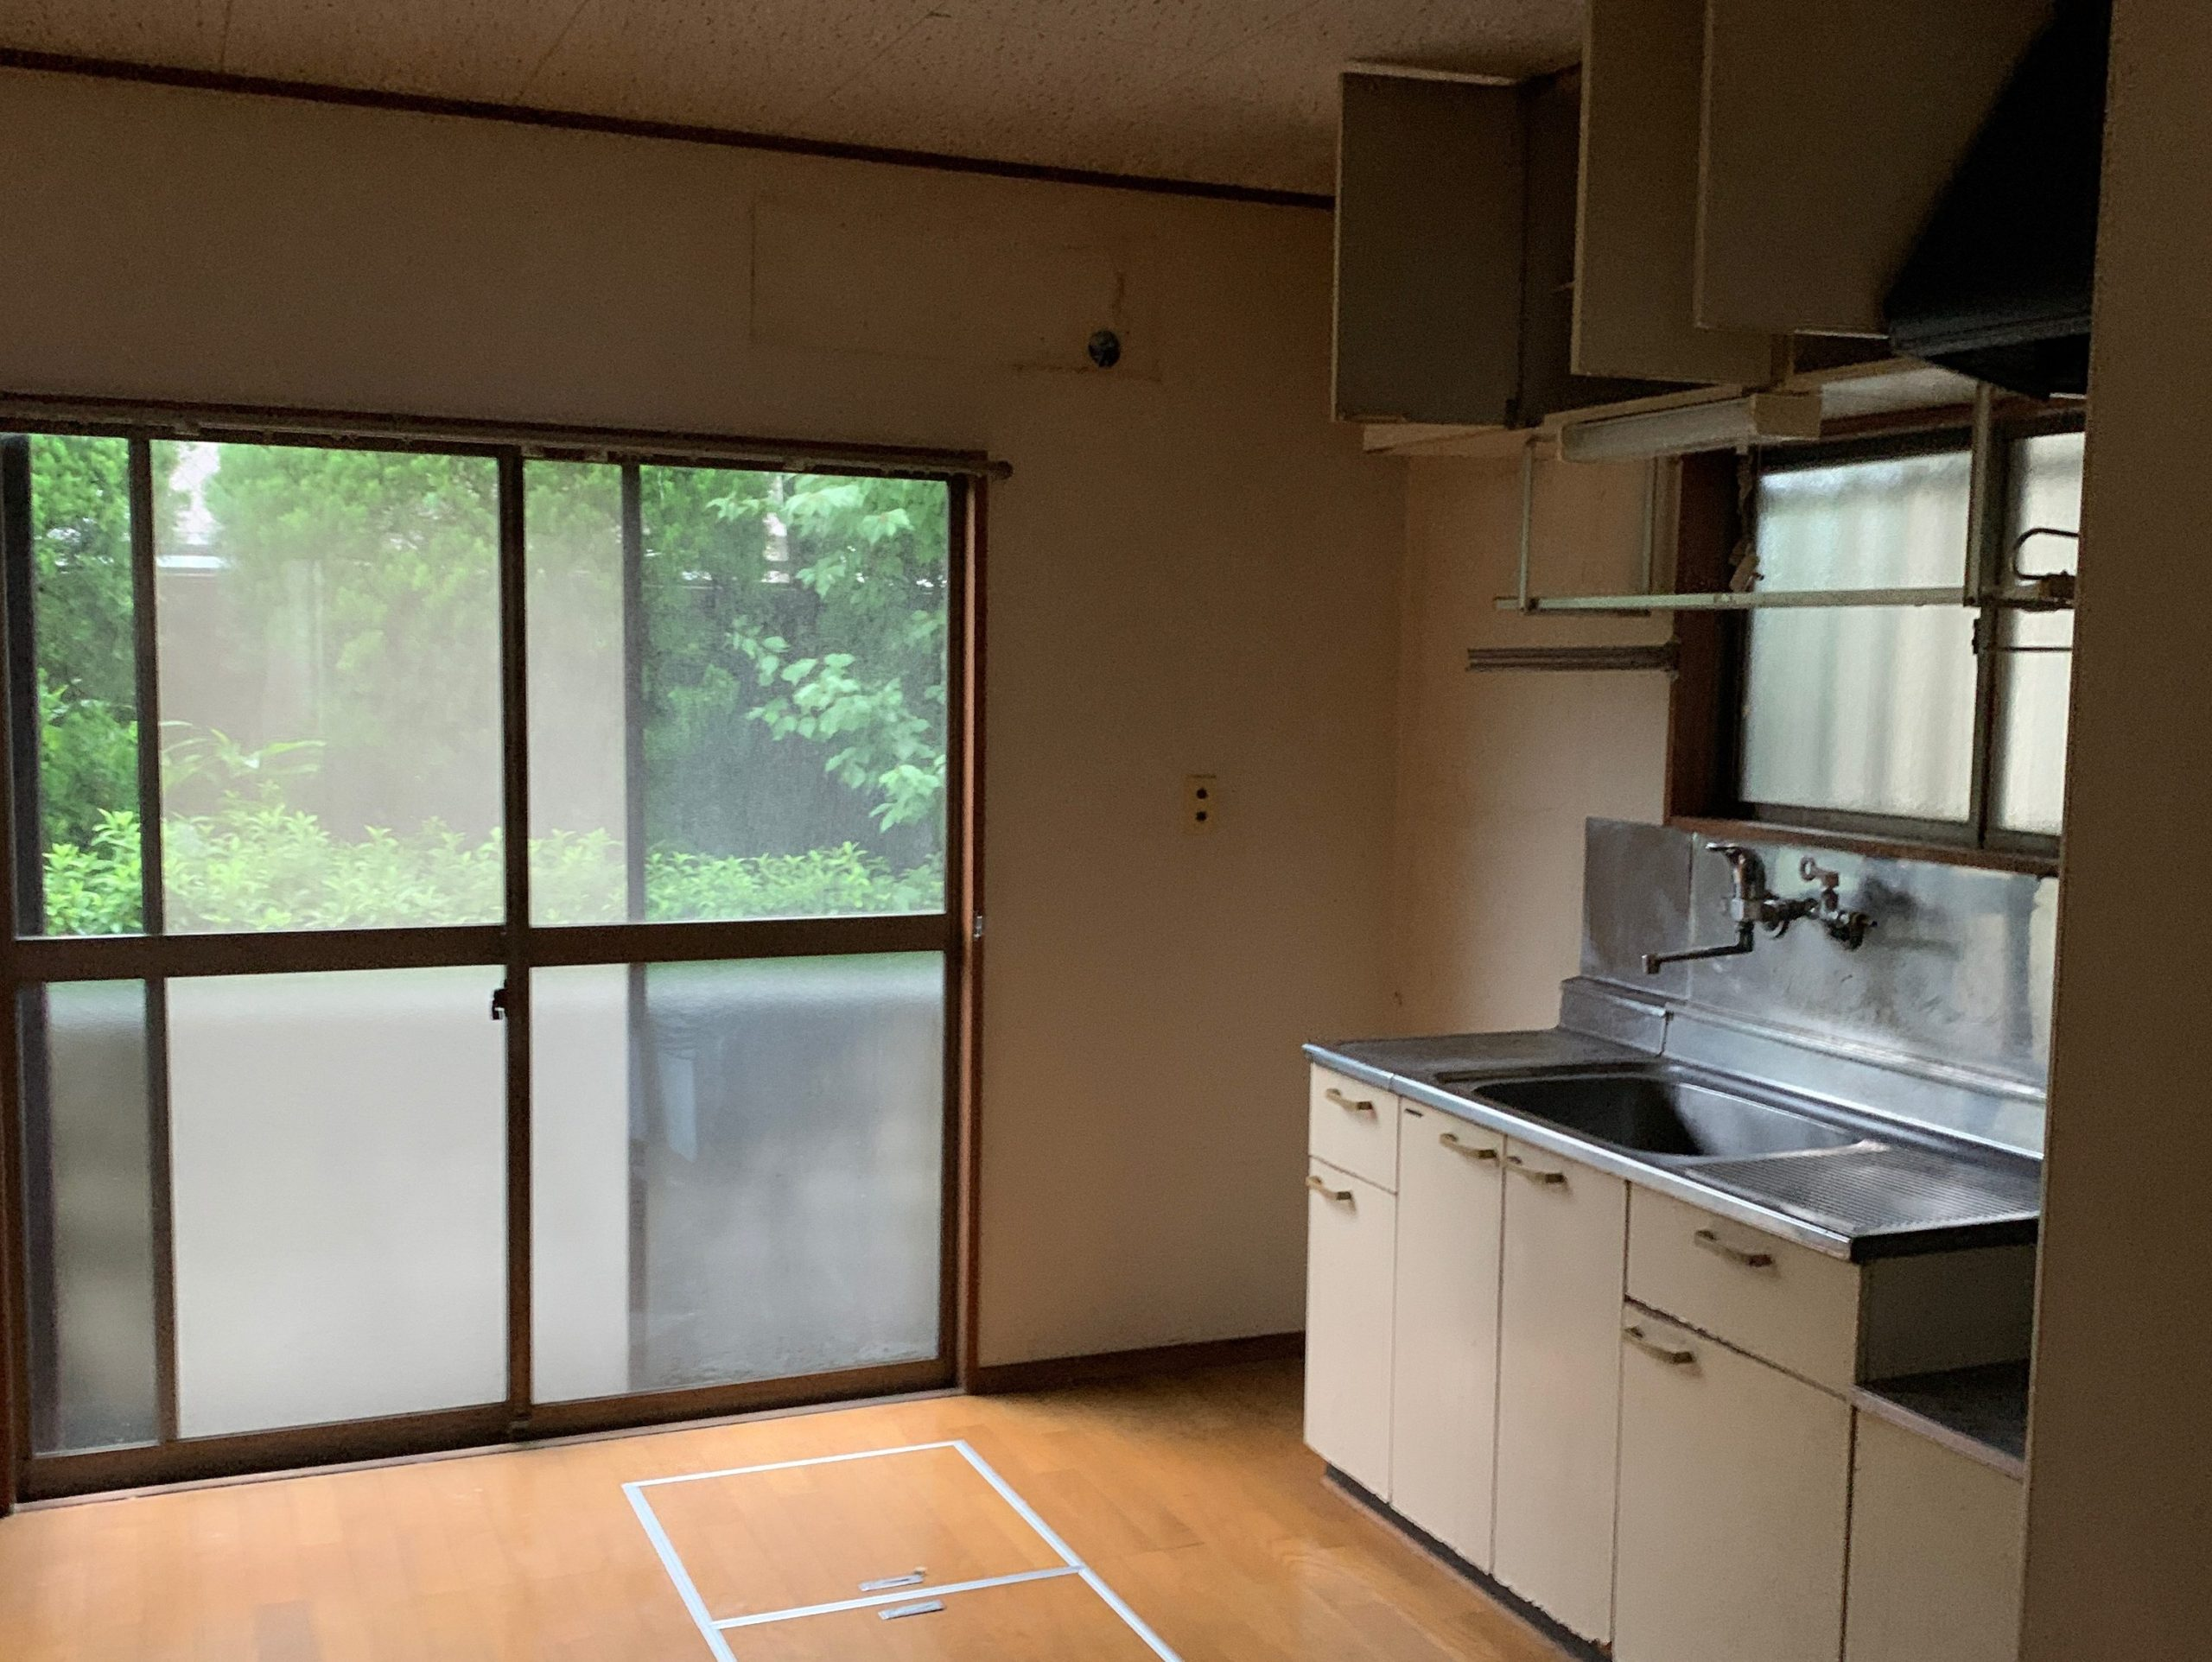 遺品整理後の写真(一階キッチン)品川区